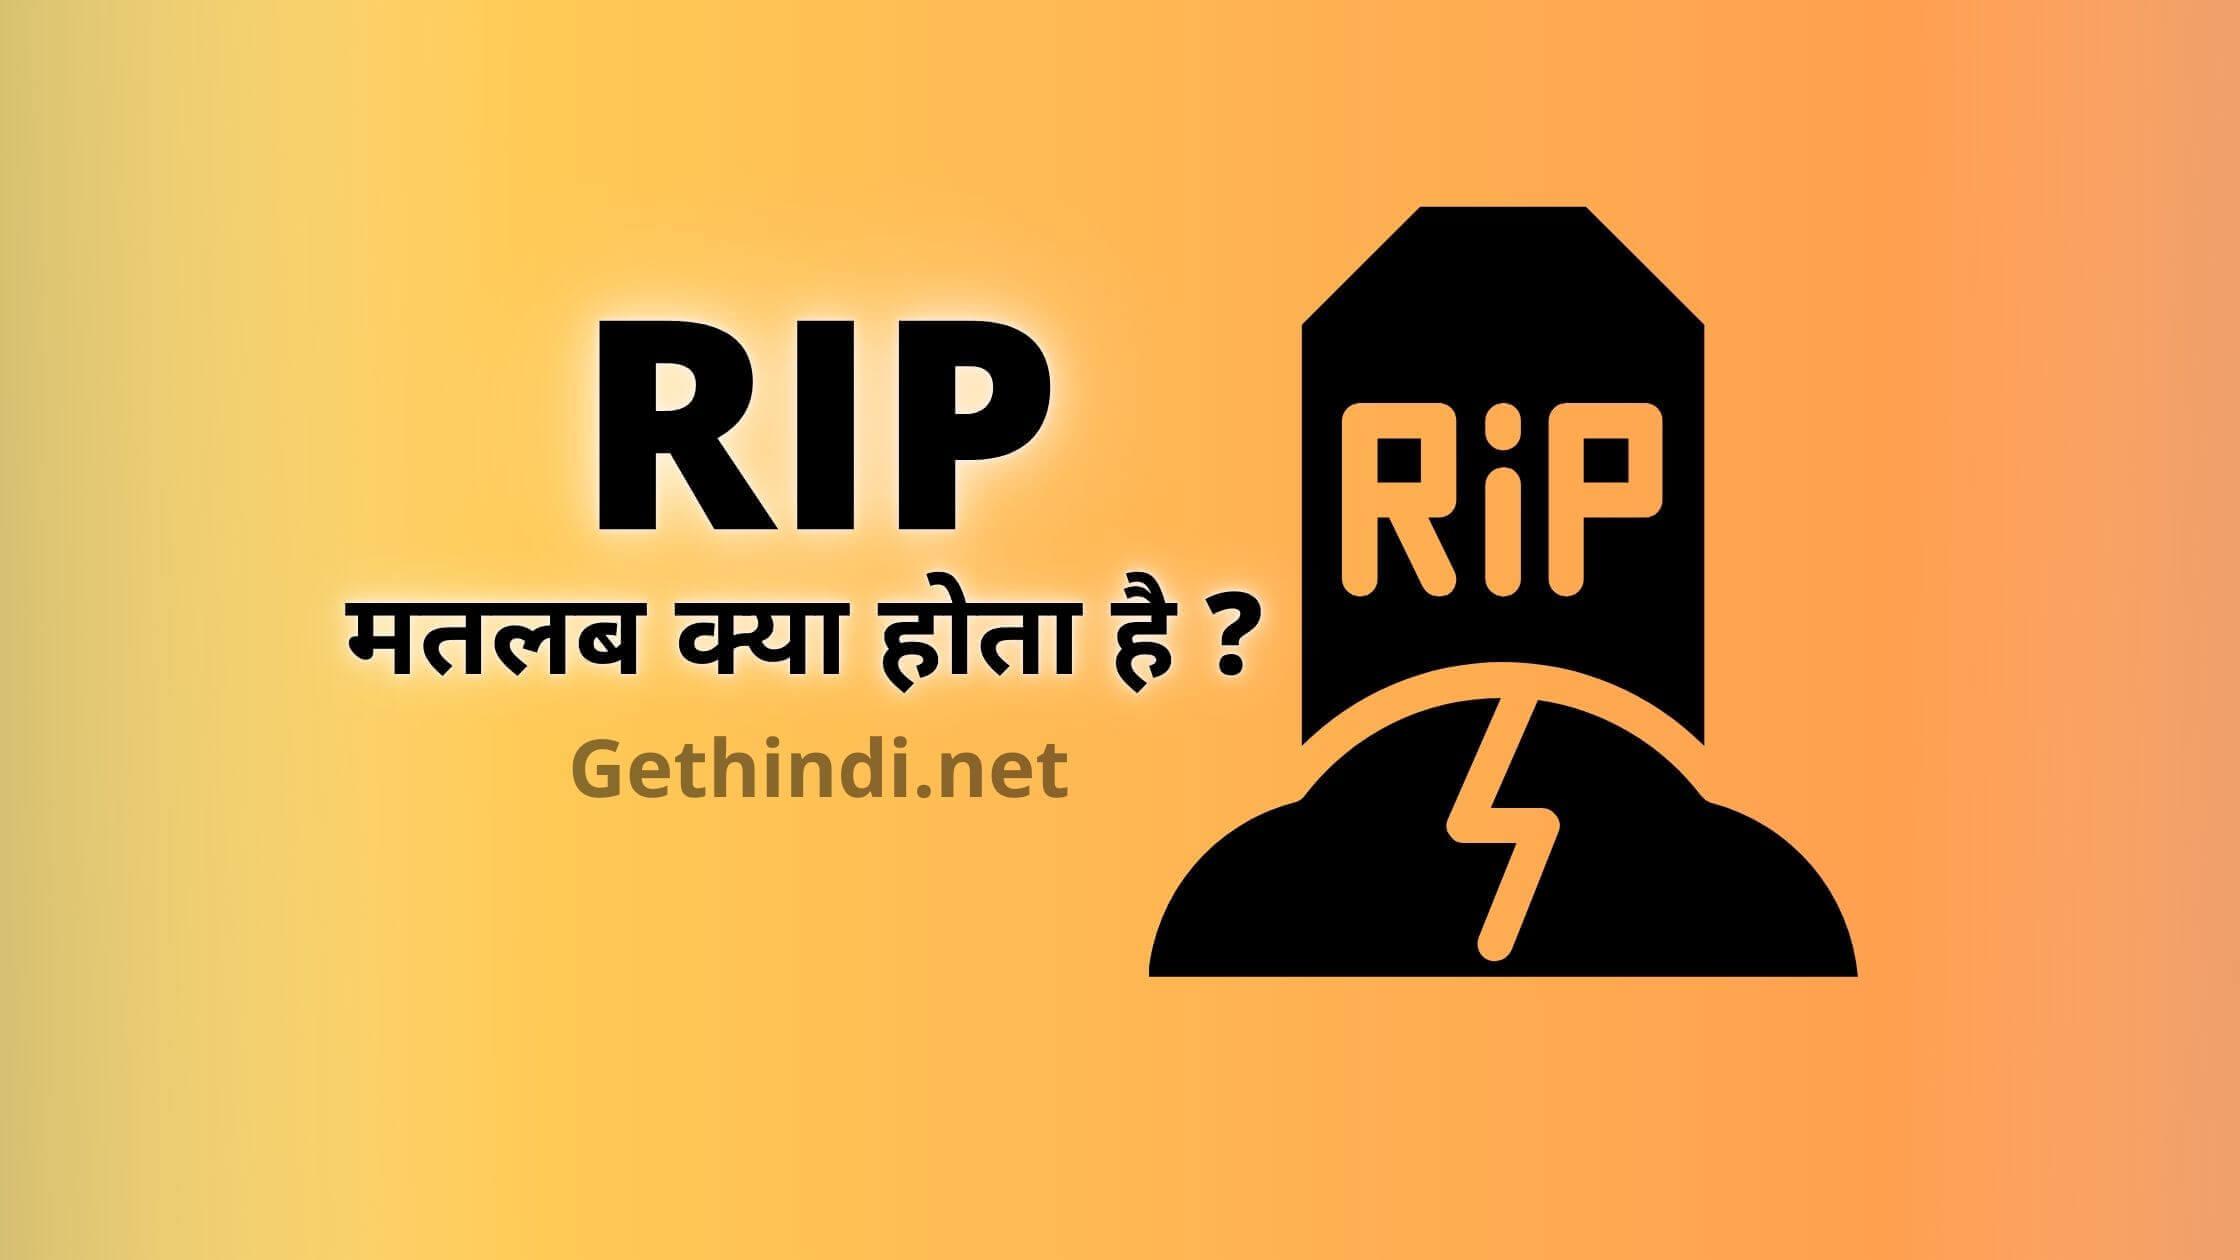 RIP ka matlab kya hota hai जानिए हिंदी में पूरी जानकारी